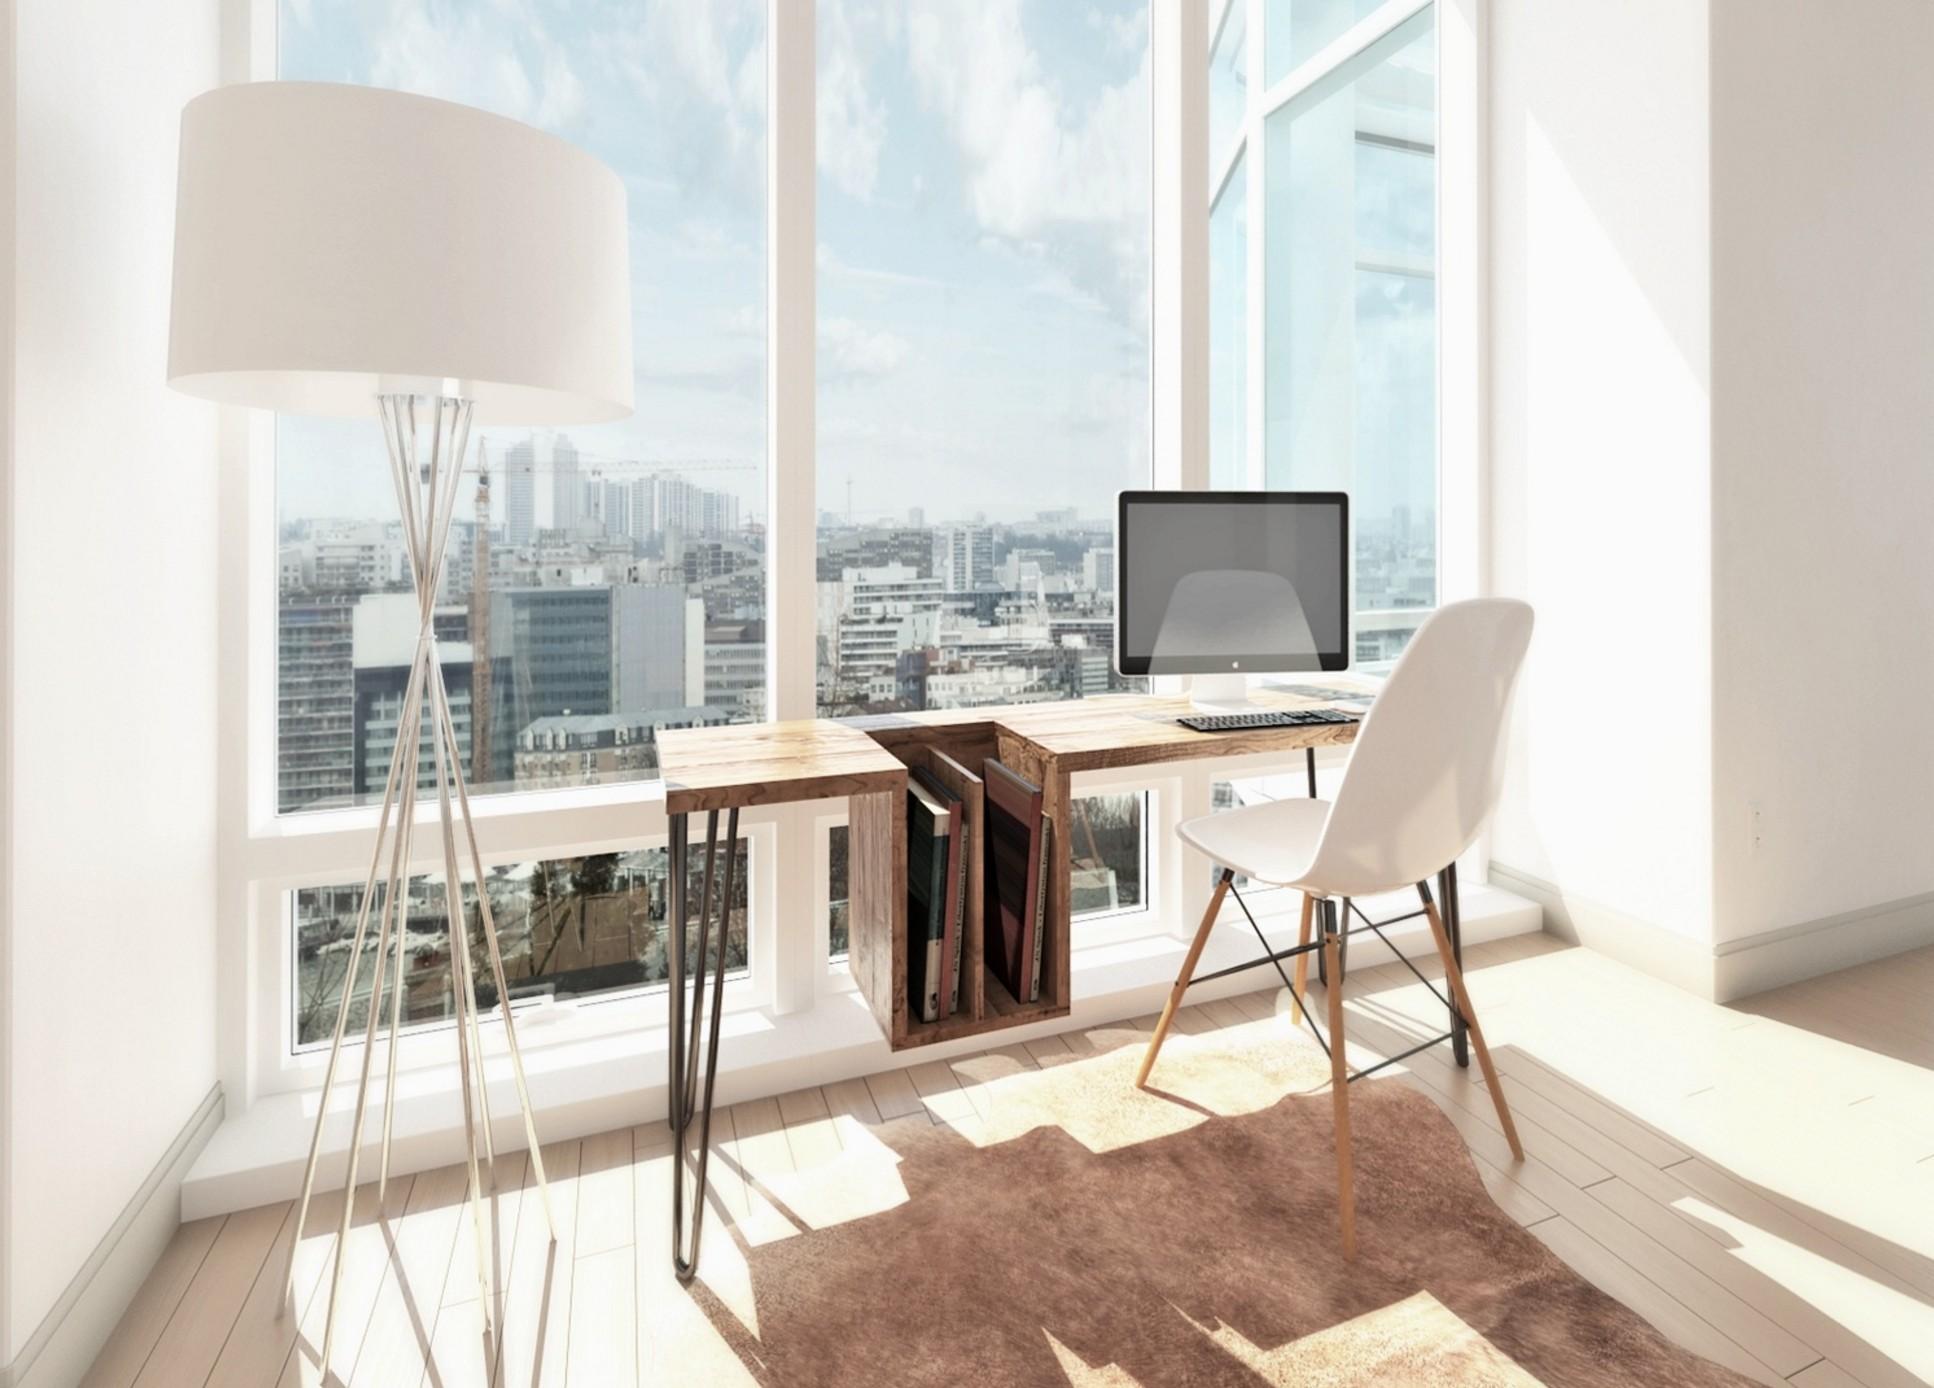 bureau design bois 2 blog d co design. Black Bedroom Furniture Sets. Home Design Ideas